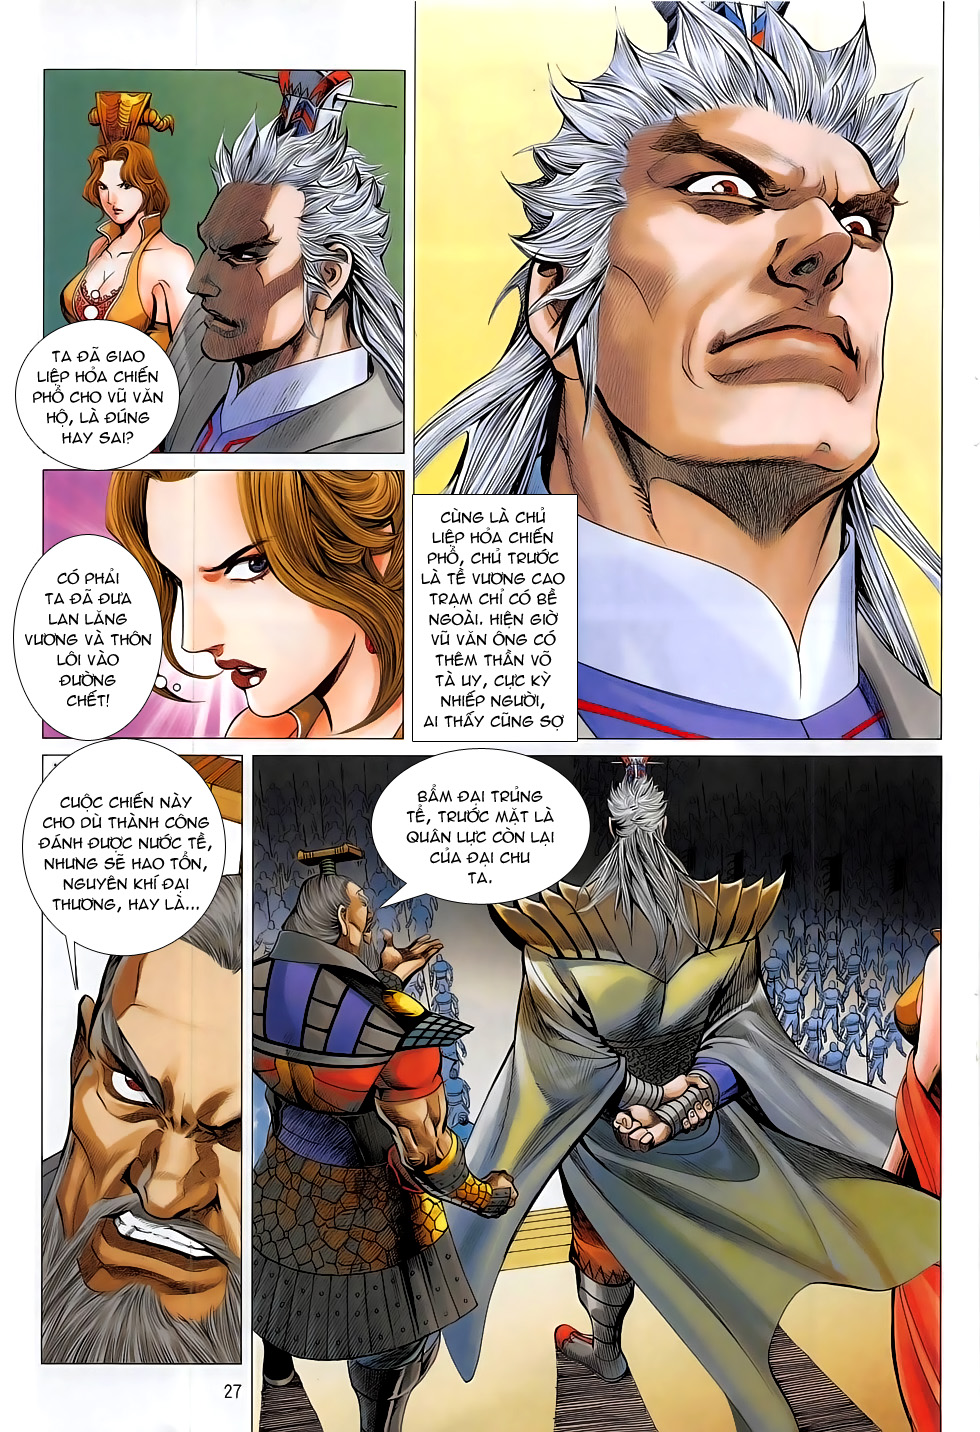 Chiến Phổ chapter 13: trận liệt tại tiền trang 27